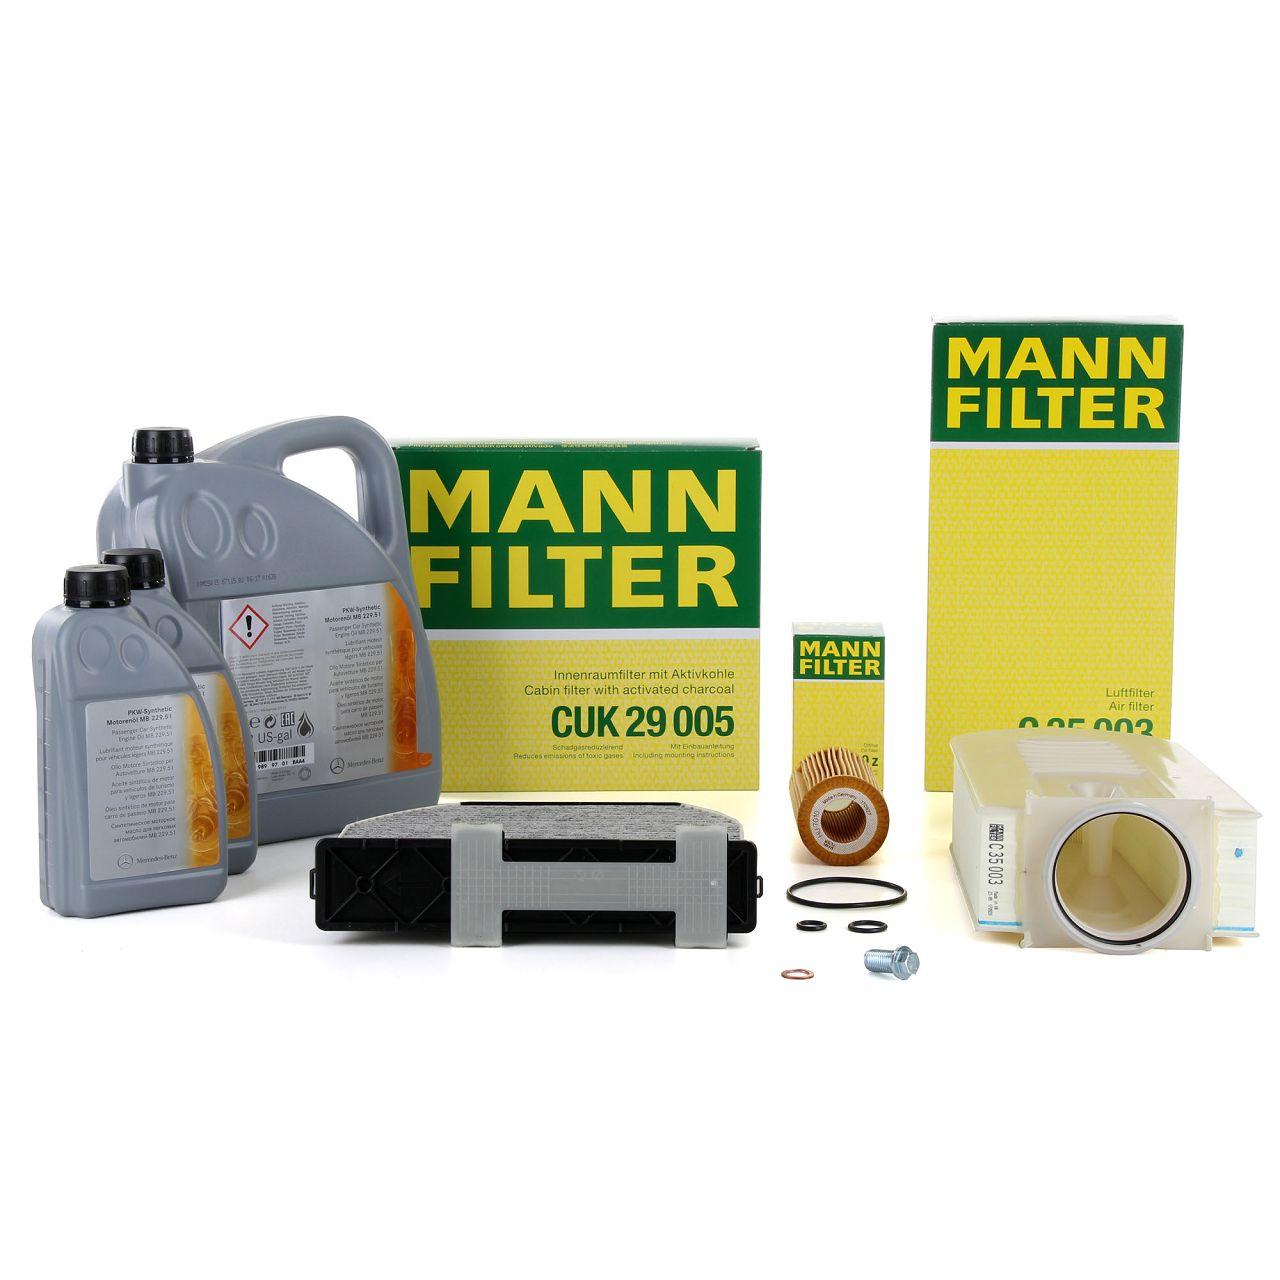 MANN Filterset + 7L ORIGINAL Mercedes 5W30 Motoröl C-Klasse W204 S204 C218 S212 W212 X204